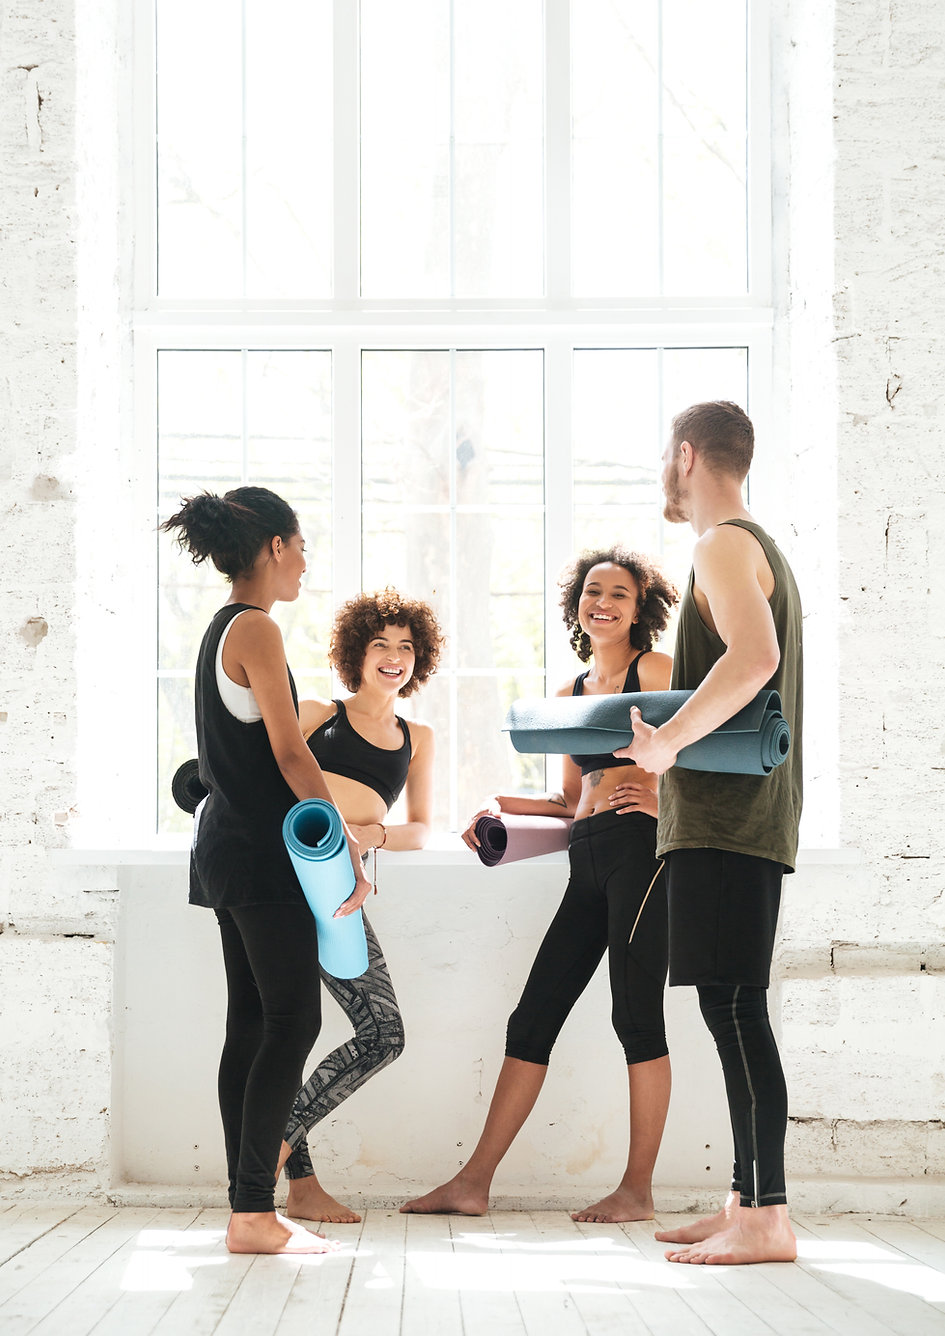 Yoga Class Participants